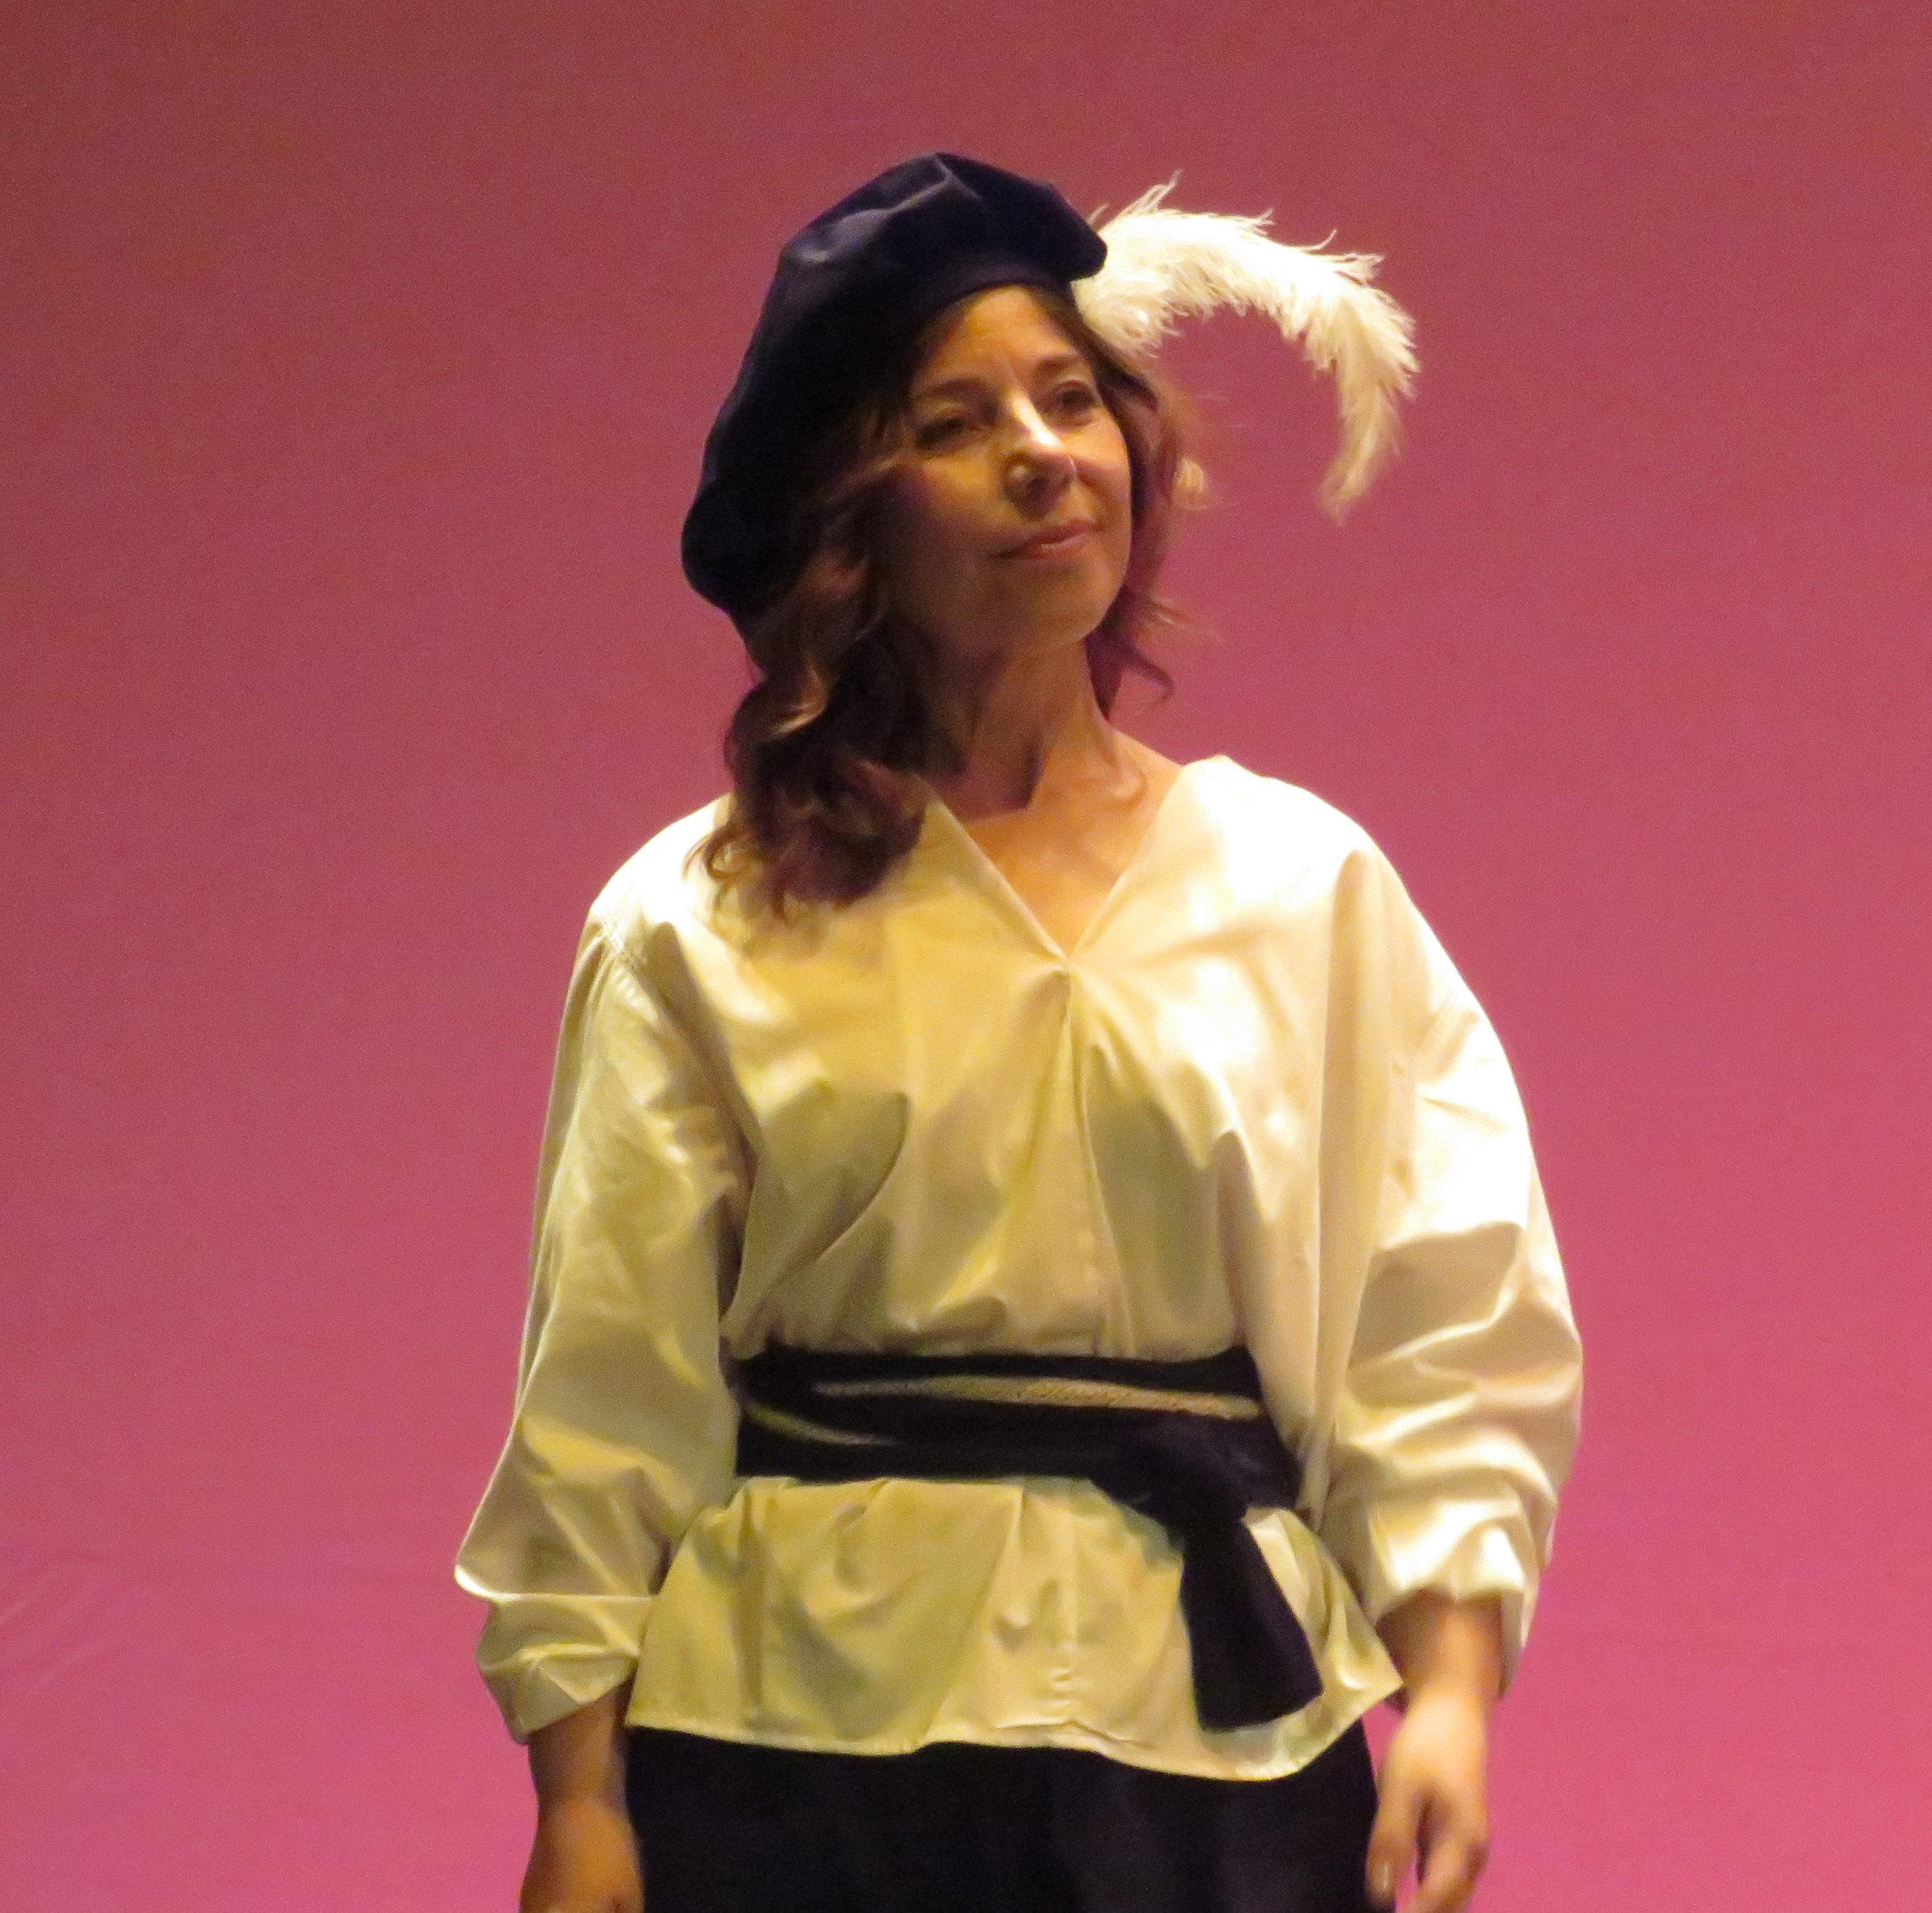 Lola Barquero